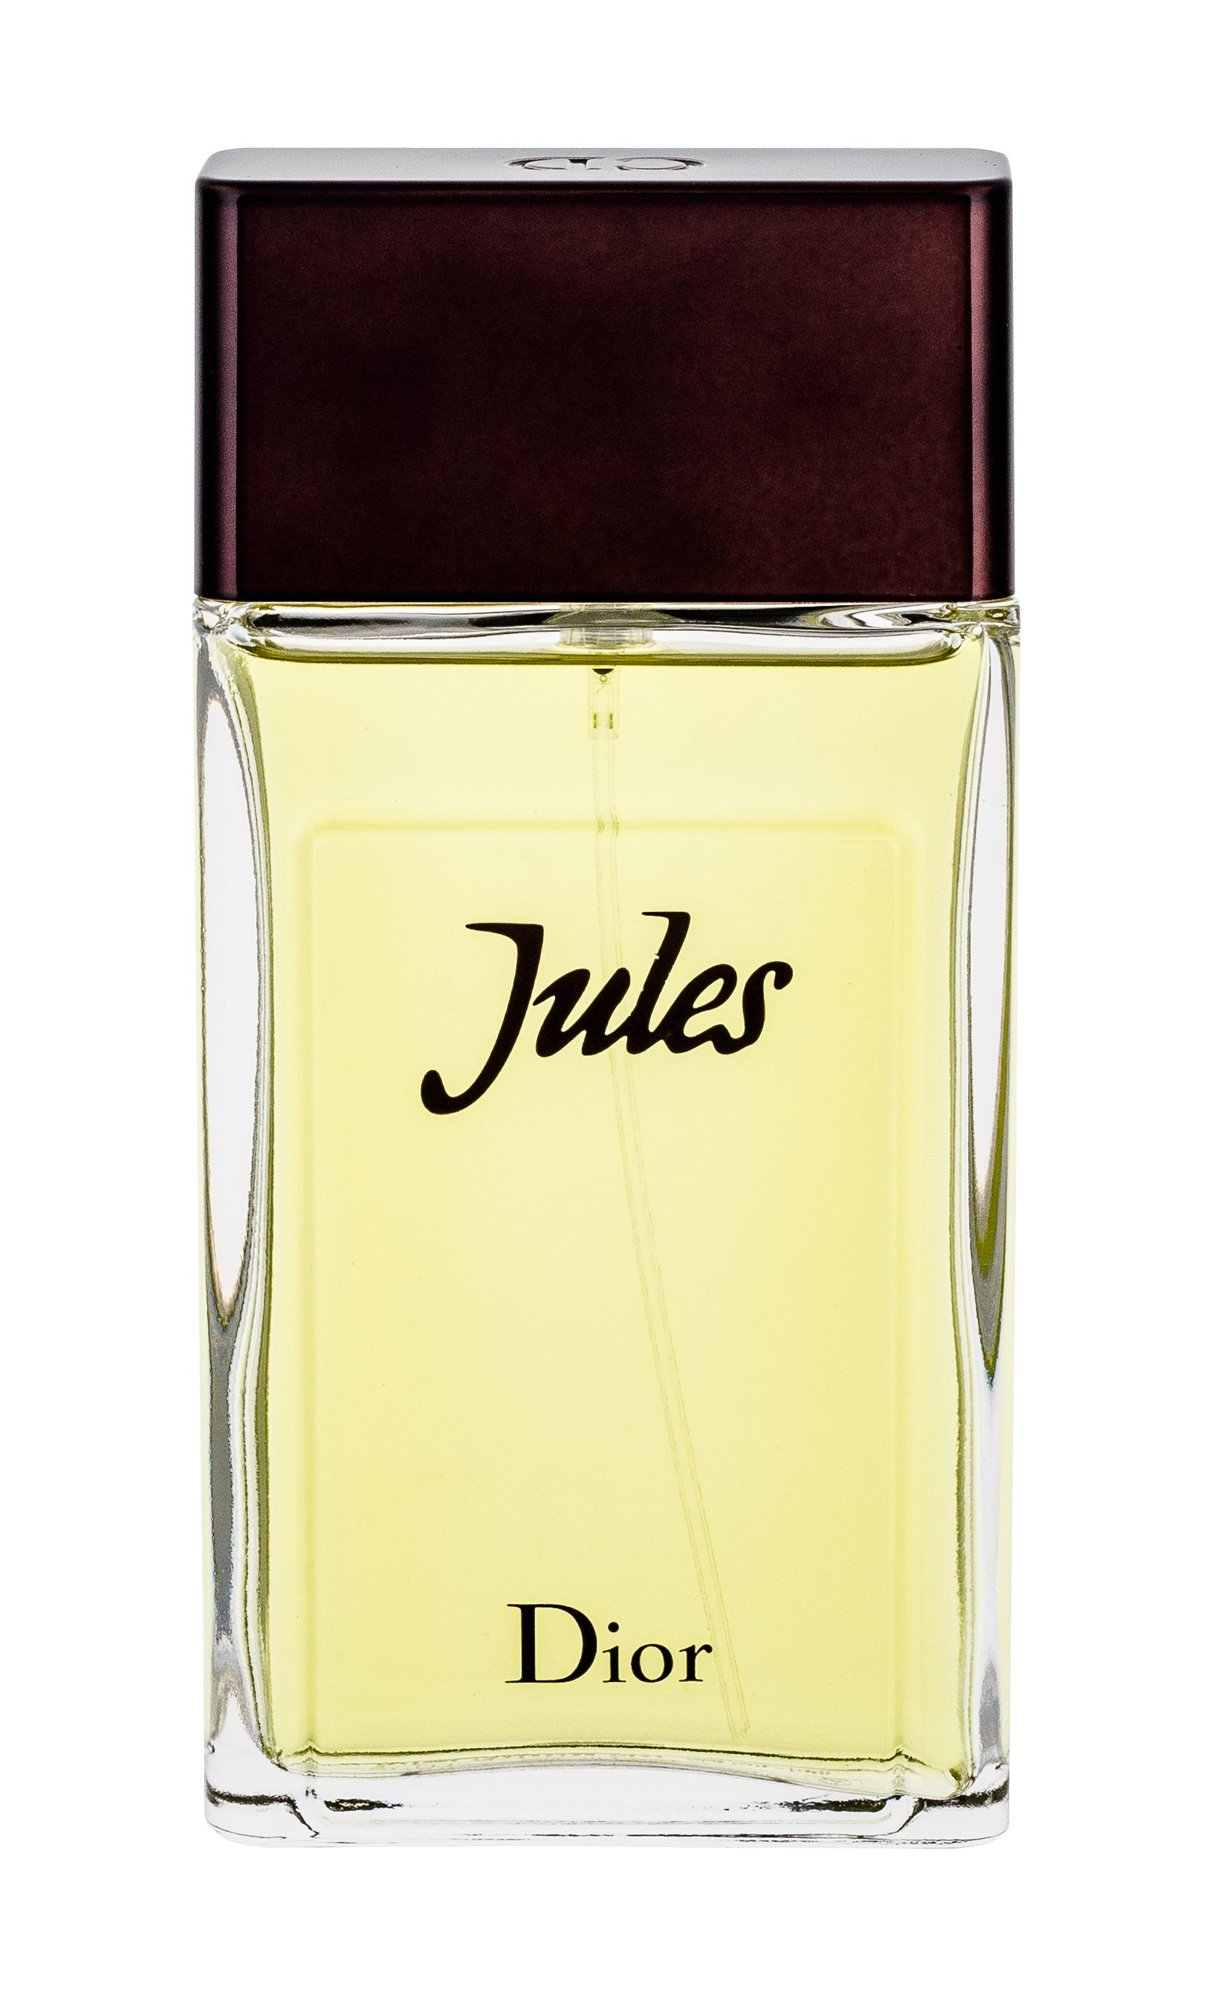 Christian Dior Jules Eau de Toilette 100ml